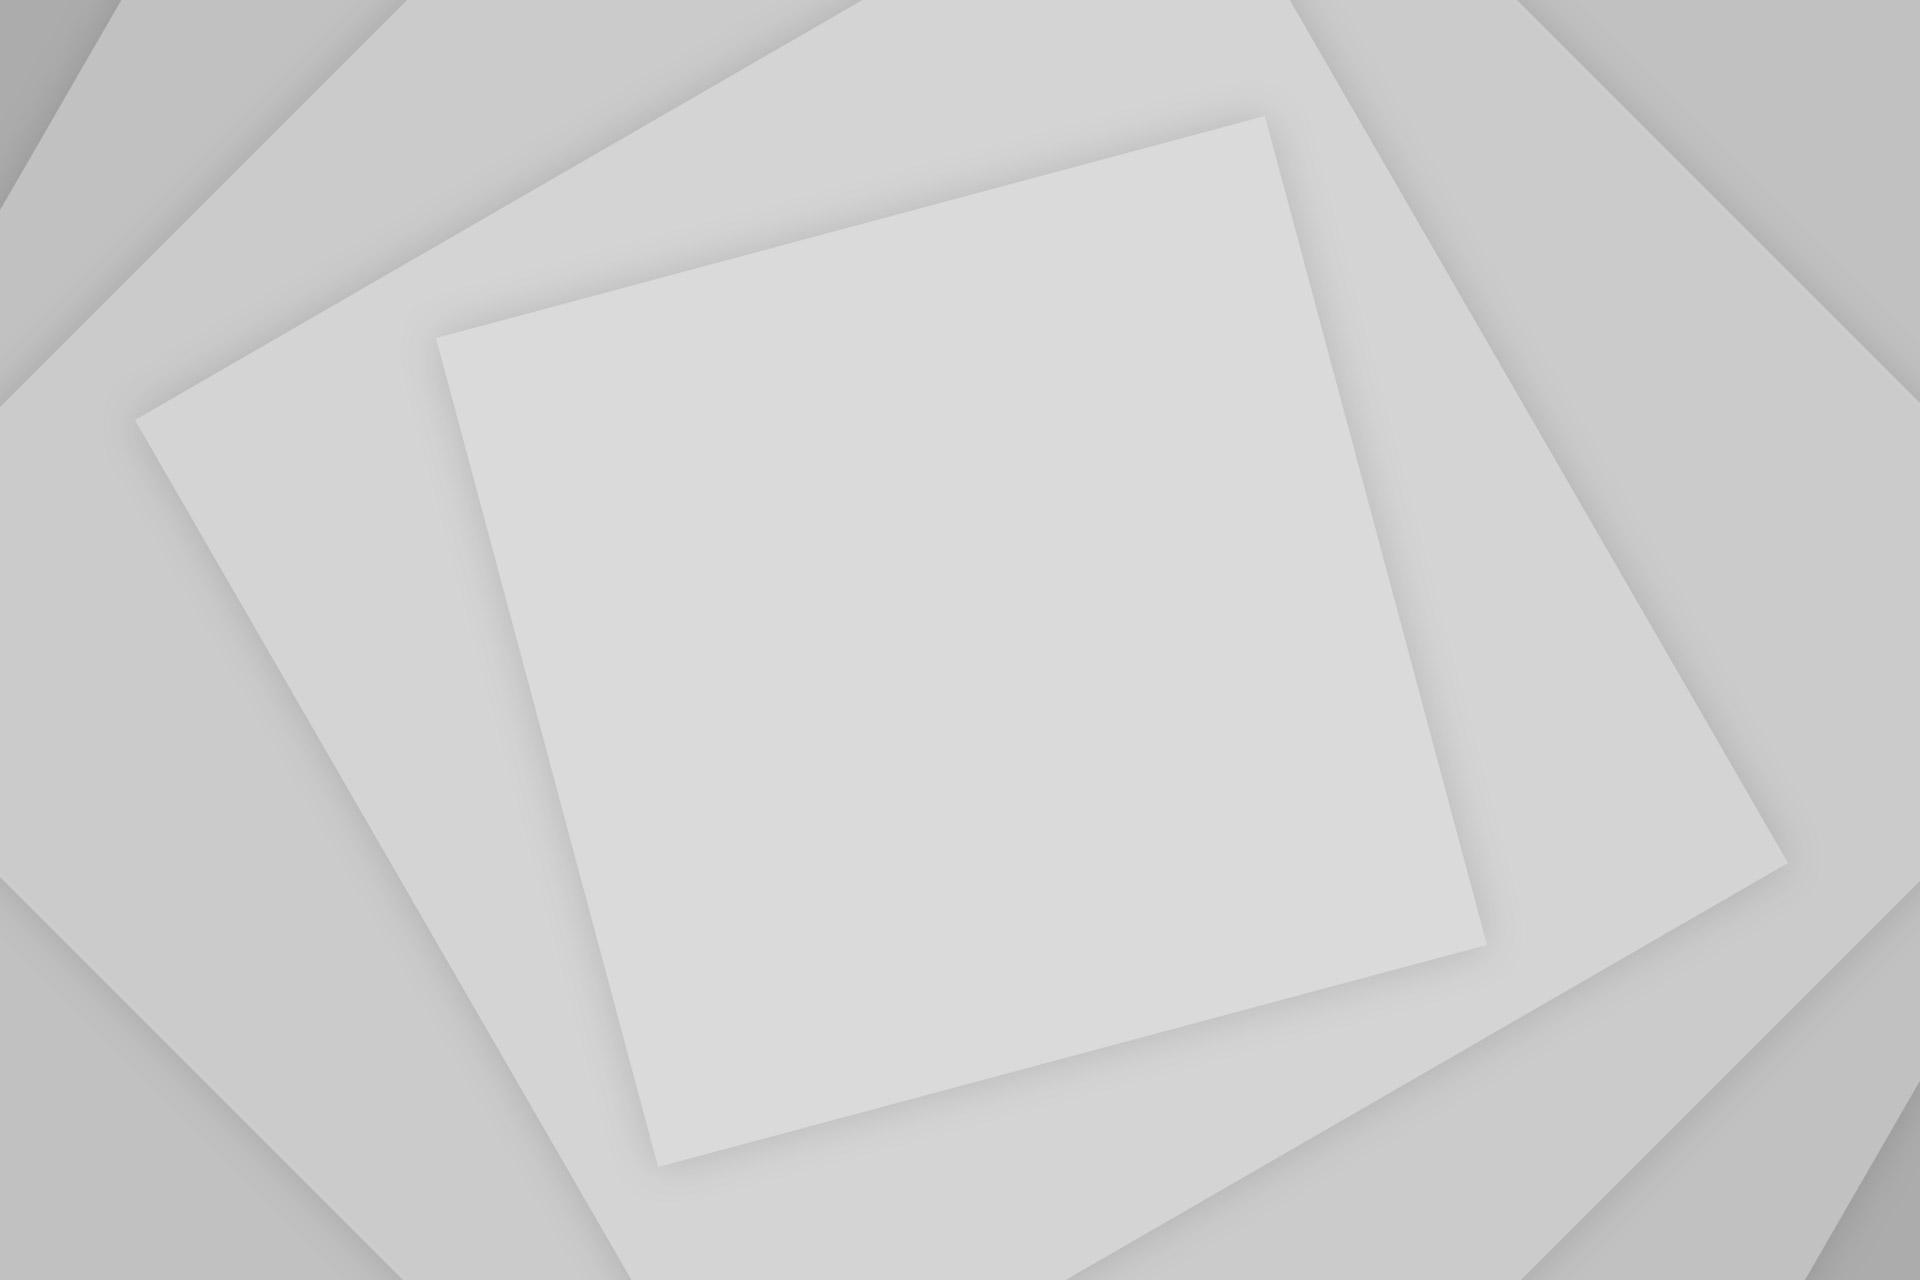 """رسمياً: توني فيرغيسون يواجه خبيب نورماغوميدوف في """"UFC 223"""""""